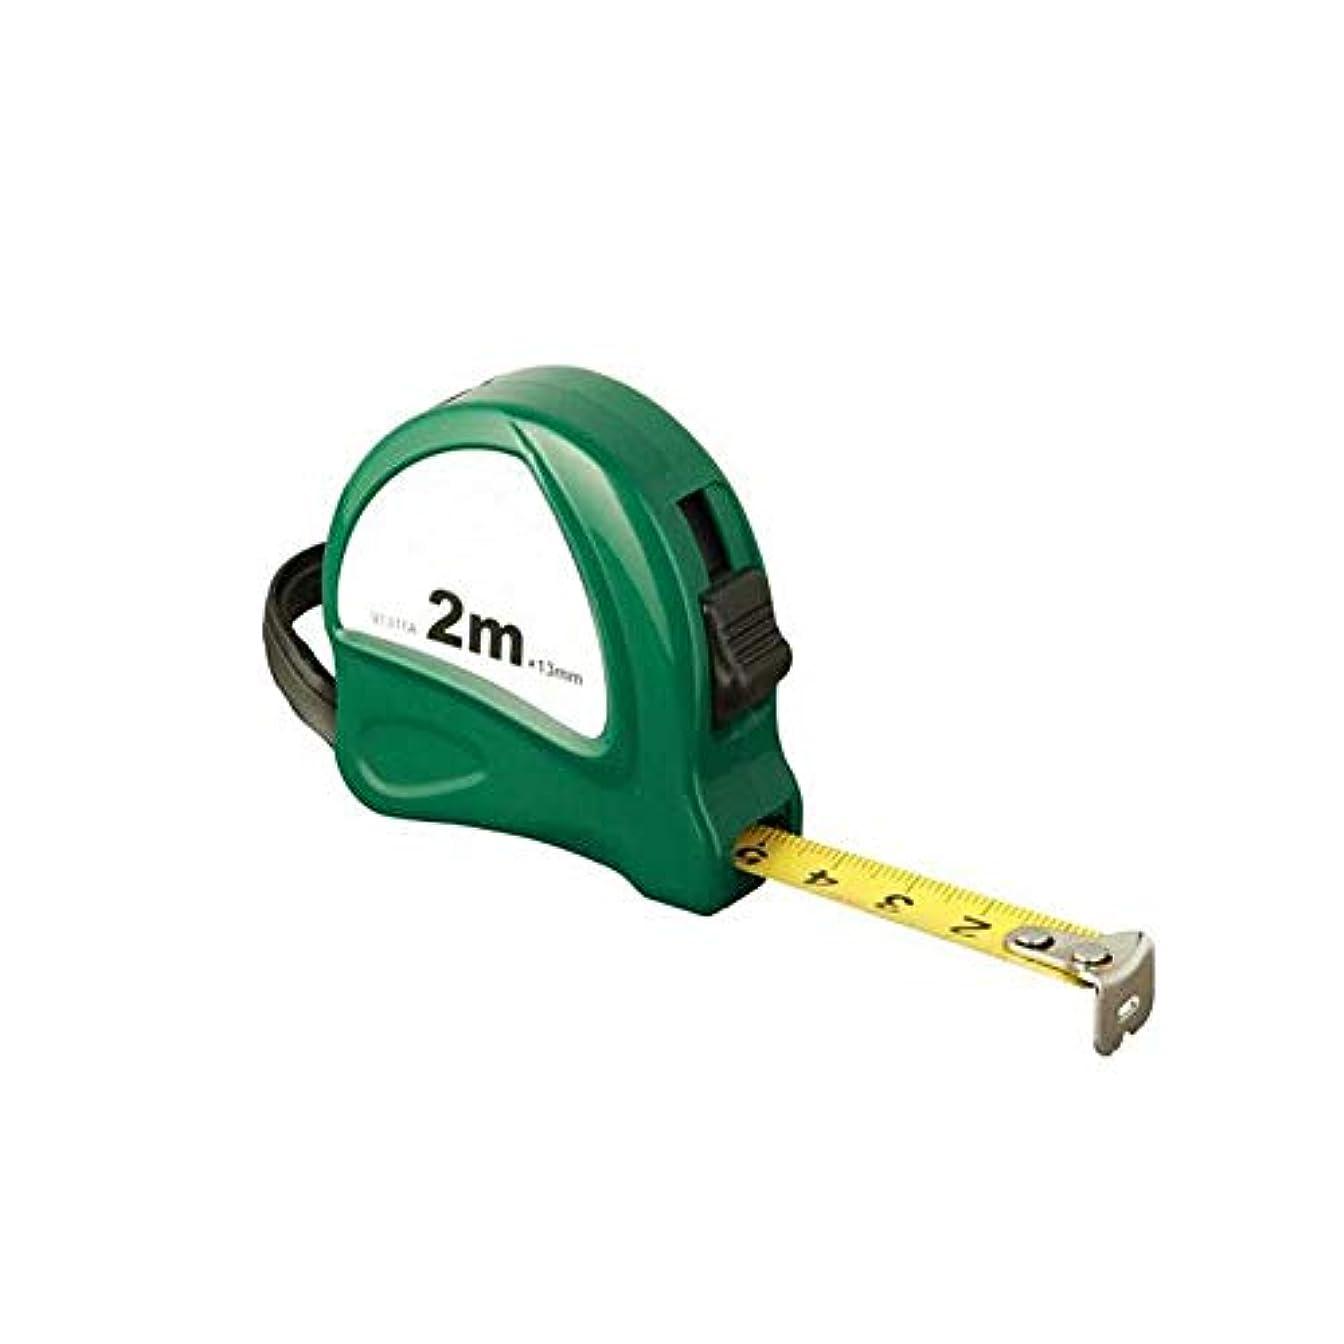 段落槍不注意Chenjinxiang001 スチールテープメジャー、2 M 3 M 5 Mテレスコピックメジャー、水力発電設備の設置測定定規 ファッション (Color : ピンク, Size : 2m*13mm)